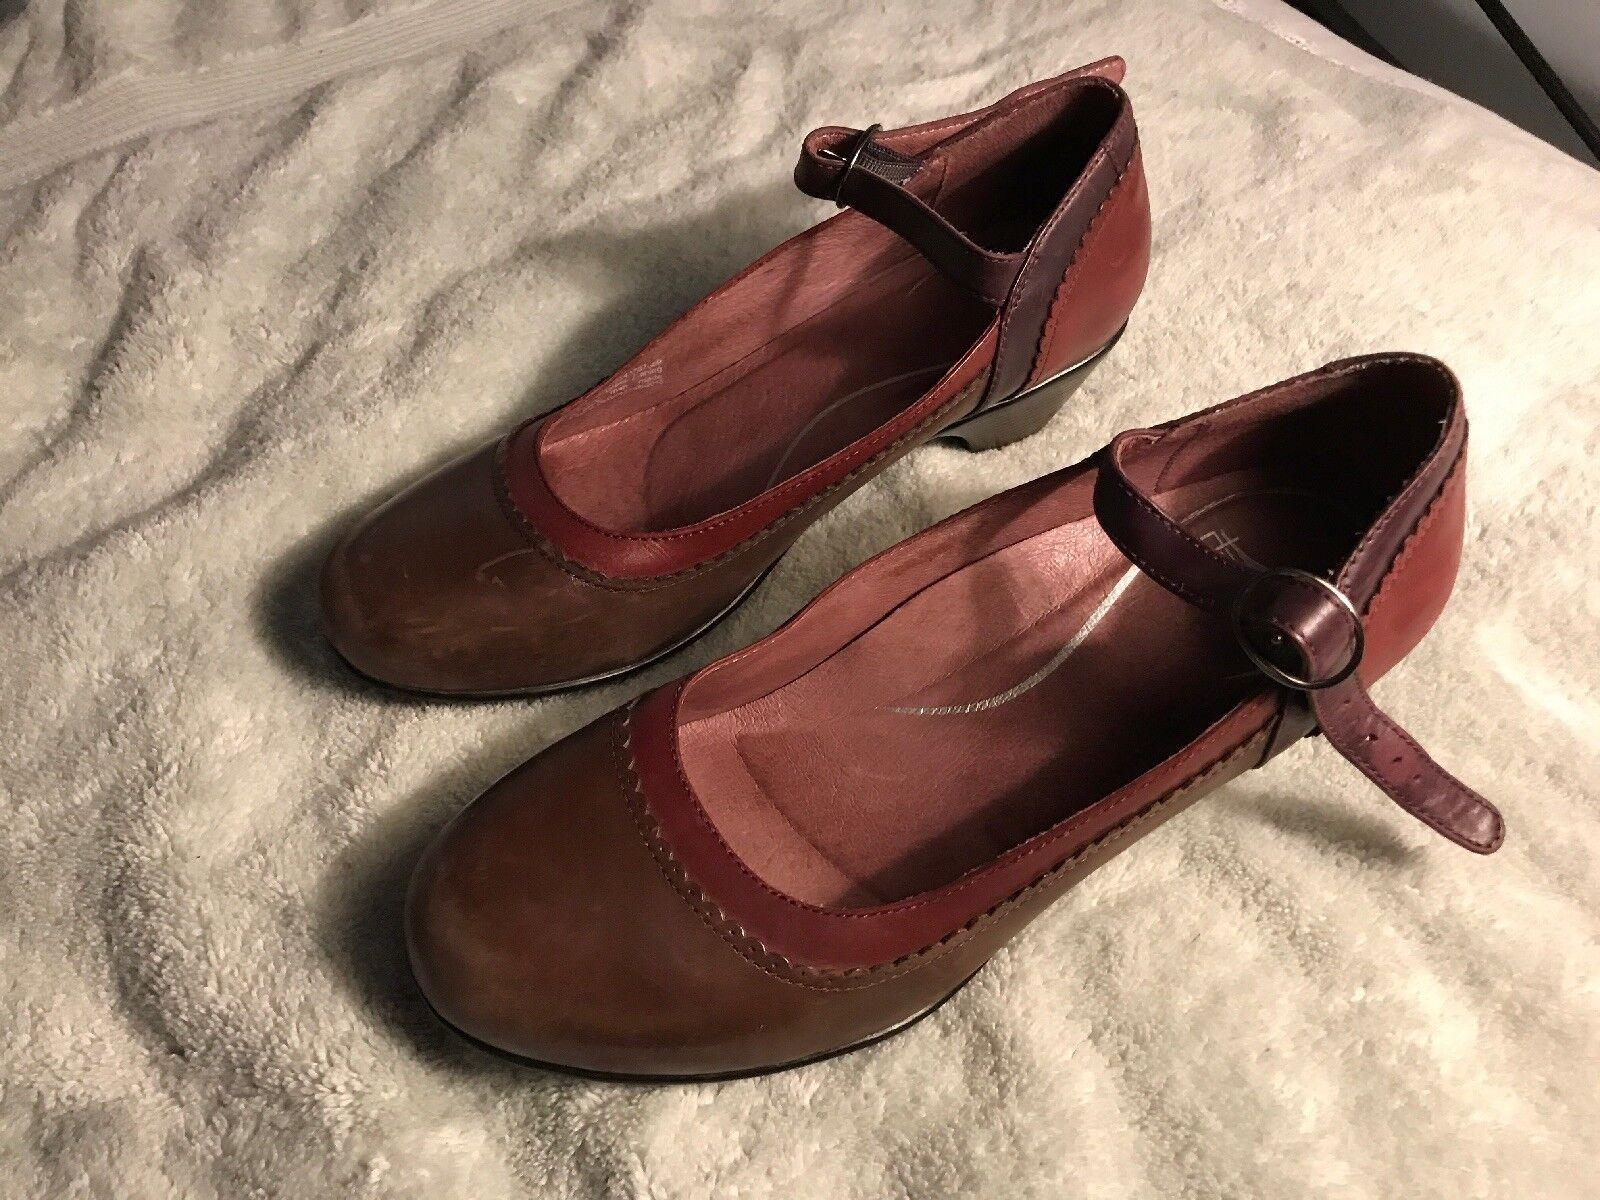 online economico Dansko Dansko Dansko donna Mary Jane Marrone scarpe 40 Dimensione 9 SC8  80% di sconto